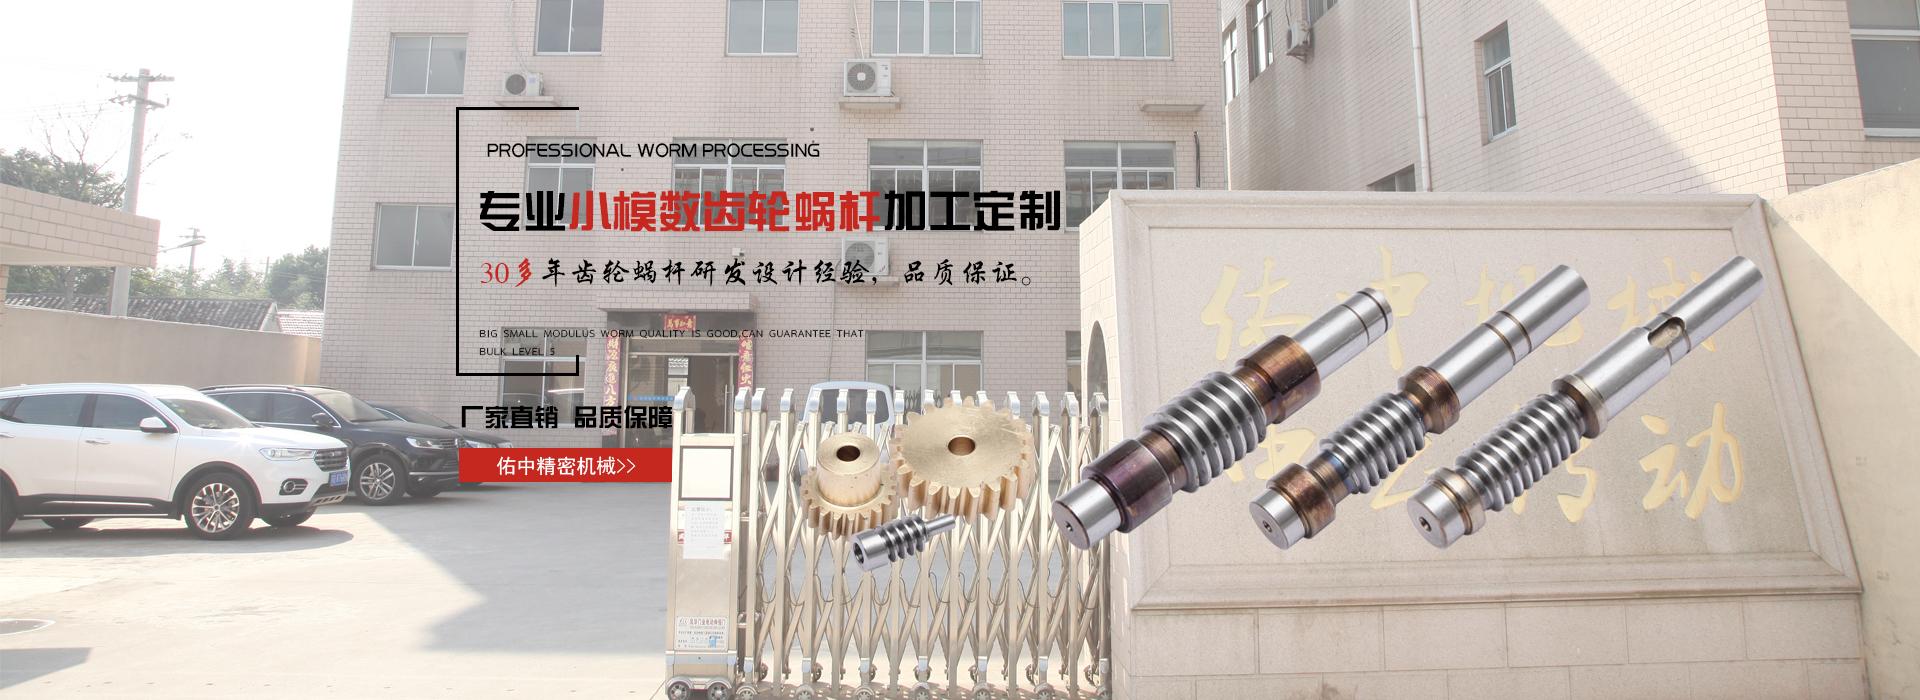 小模數齒輪,蝸(wo)輪蝸(wo)桿加工,尼龍齒輪廠家